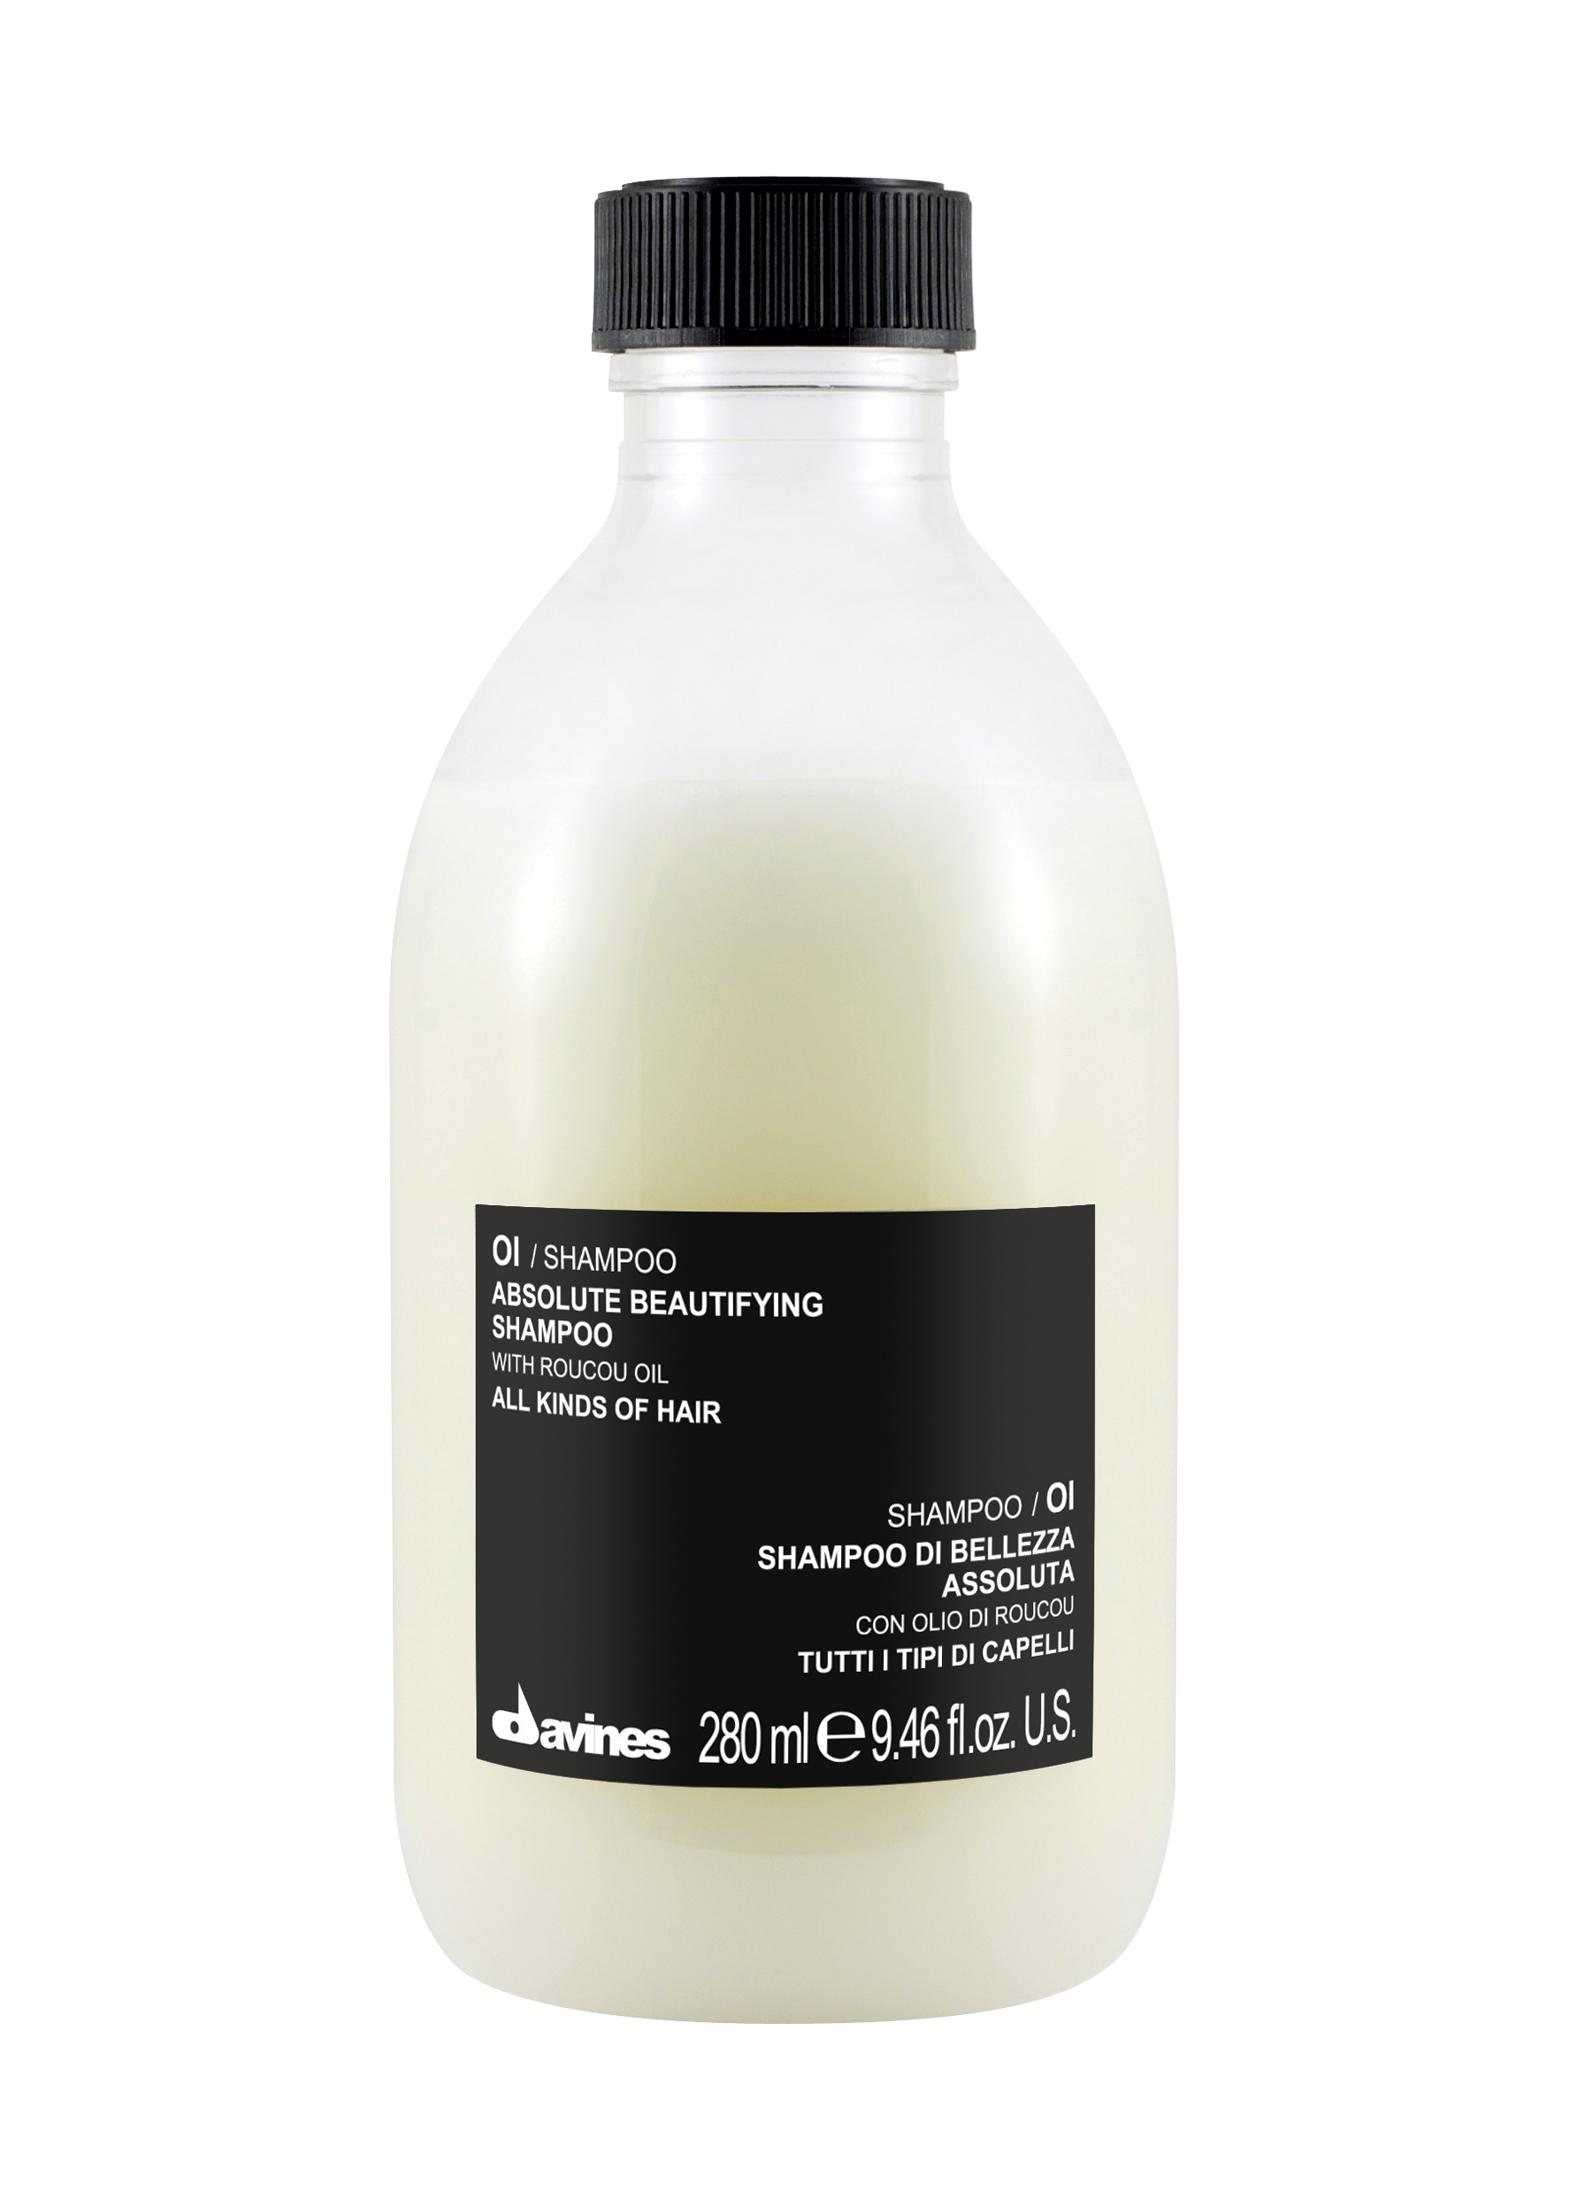 OI Shampoo 280ml image number 0